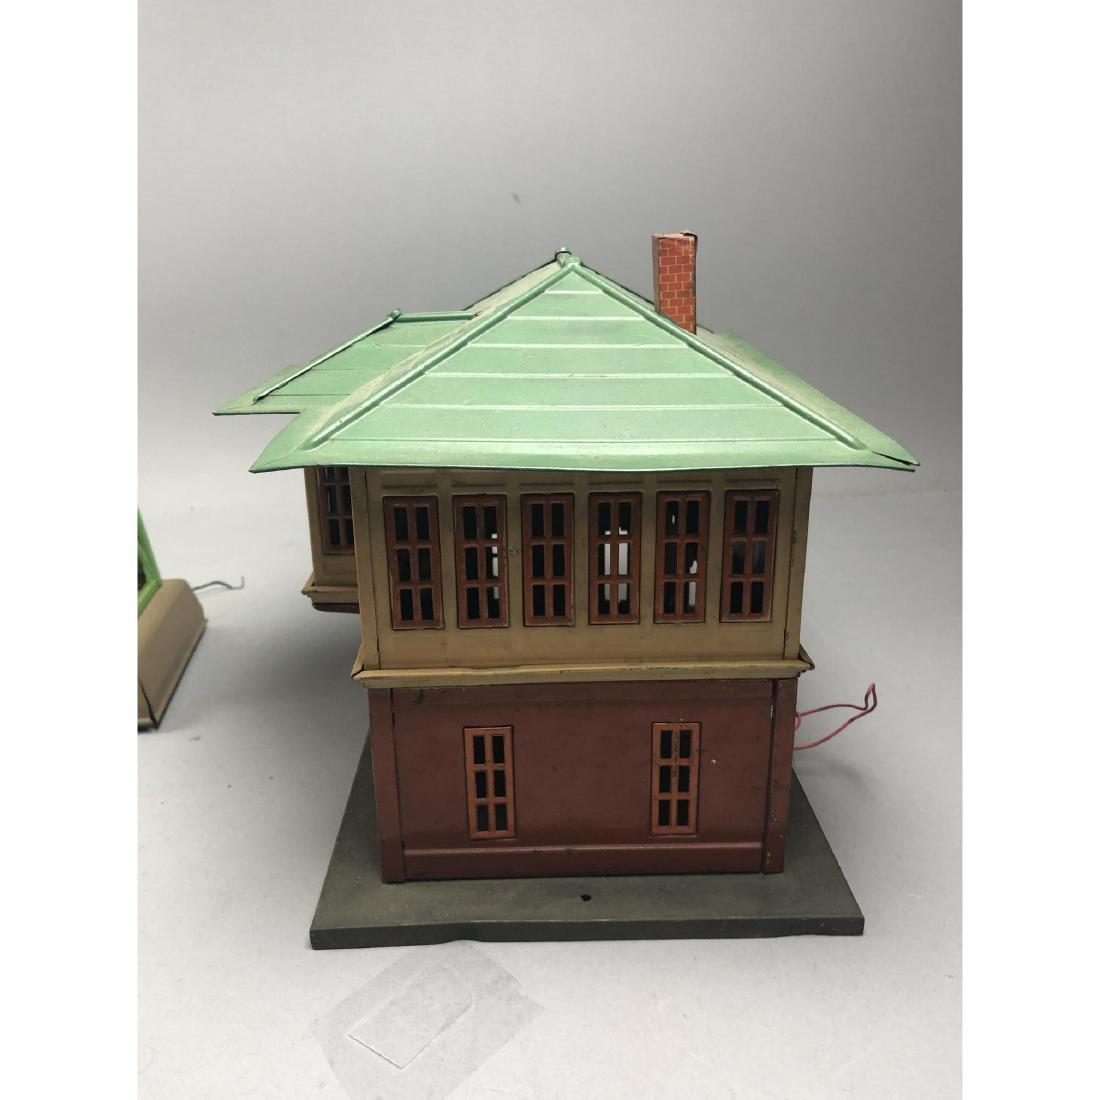 3pc LIONEL Model Train Buildings. 1 power station - 10